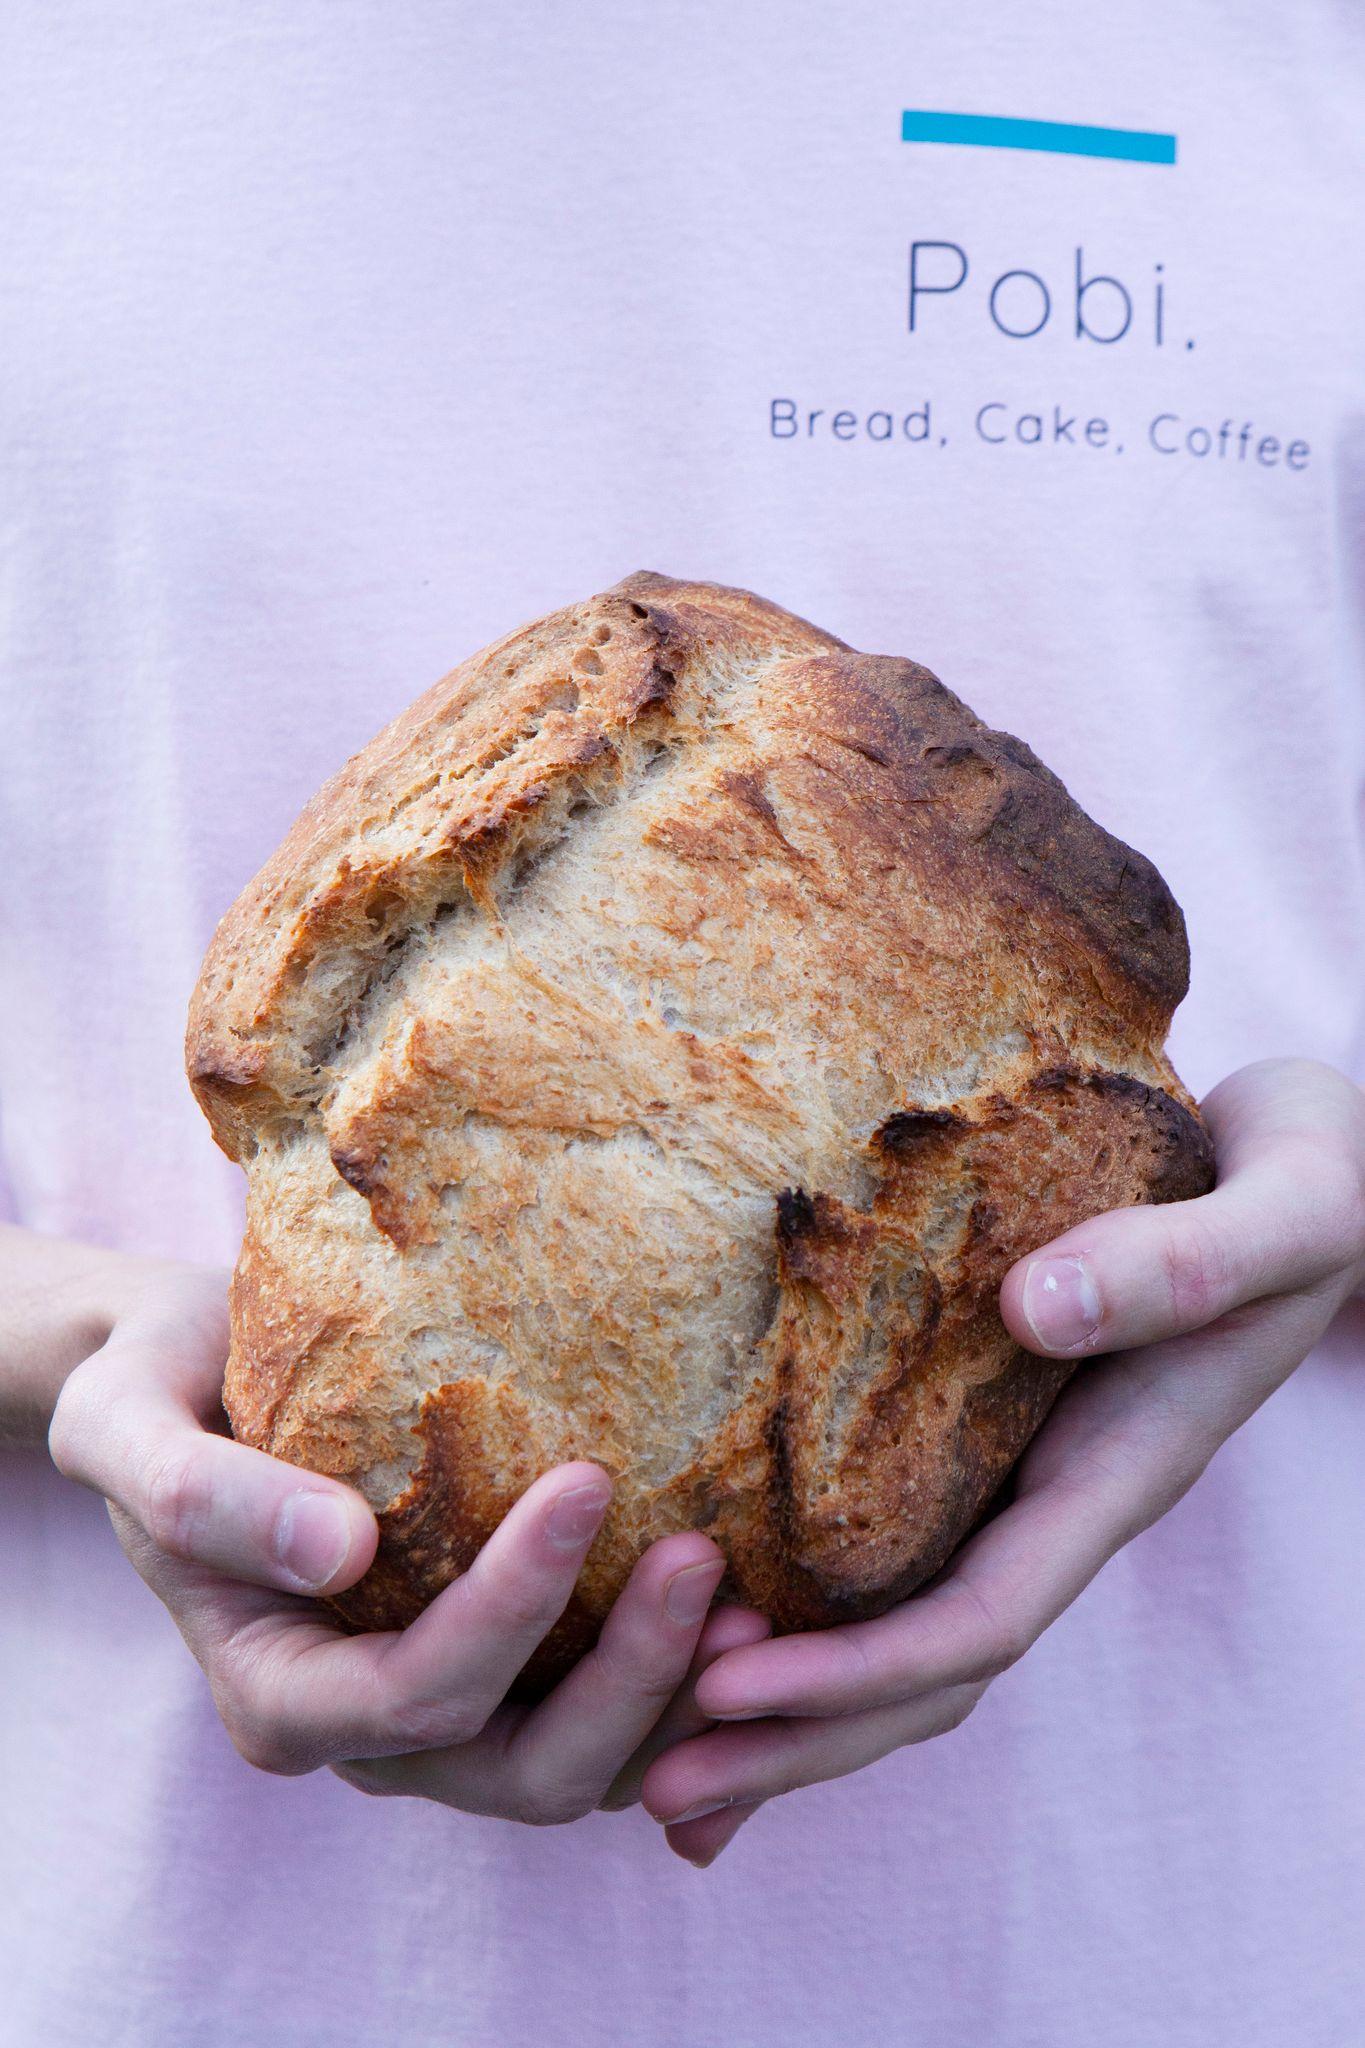 Bread from Pobi Bakery